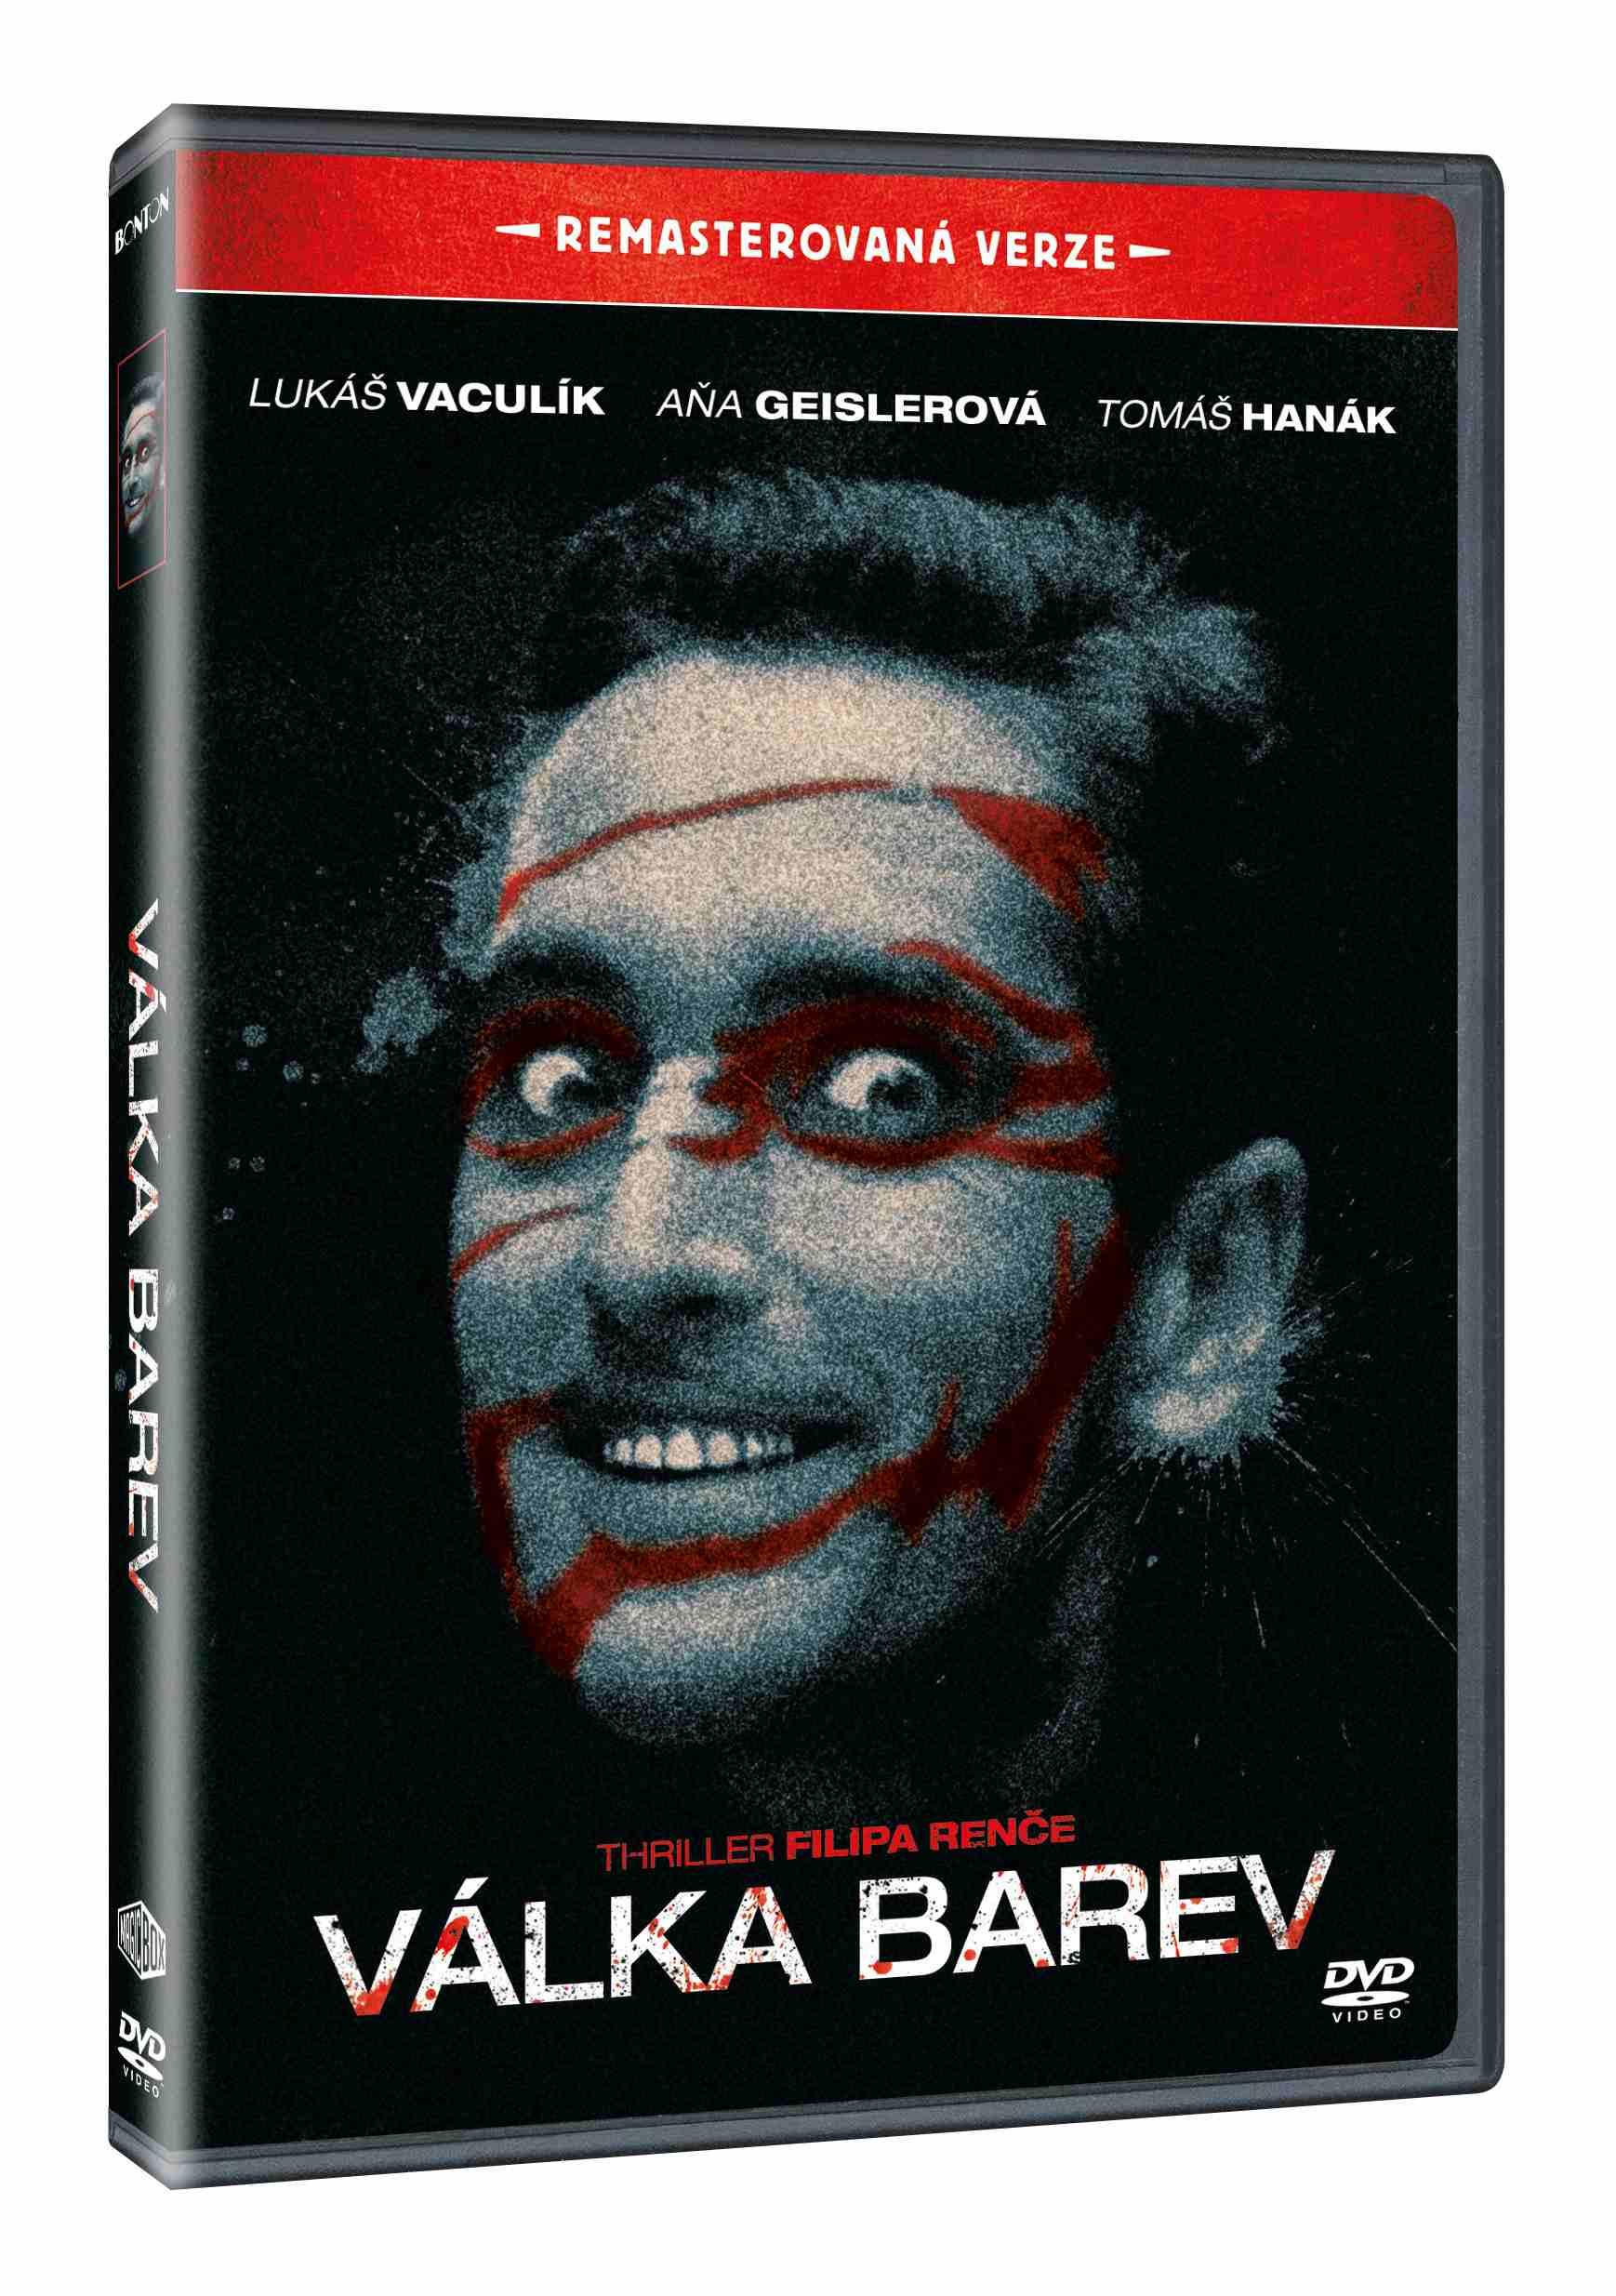 VÁLKA BAREV (Remasterovaná verze) - DVD